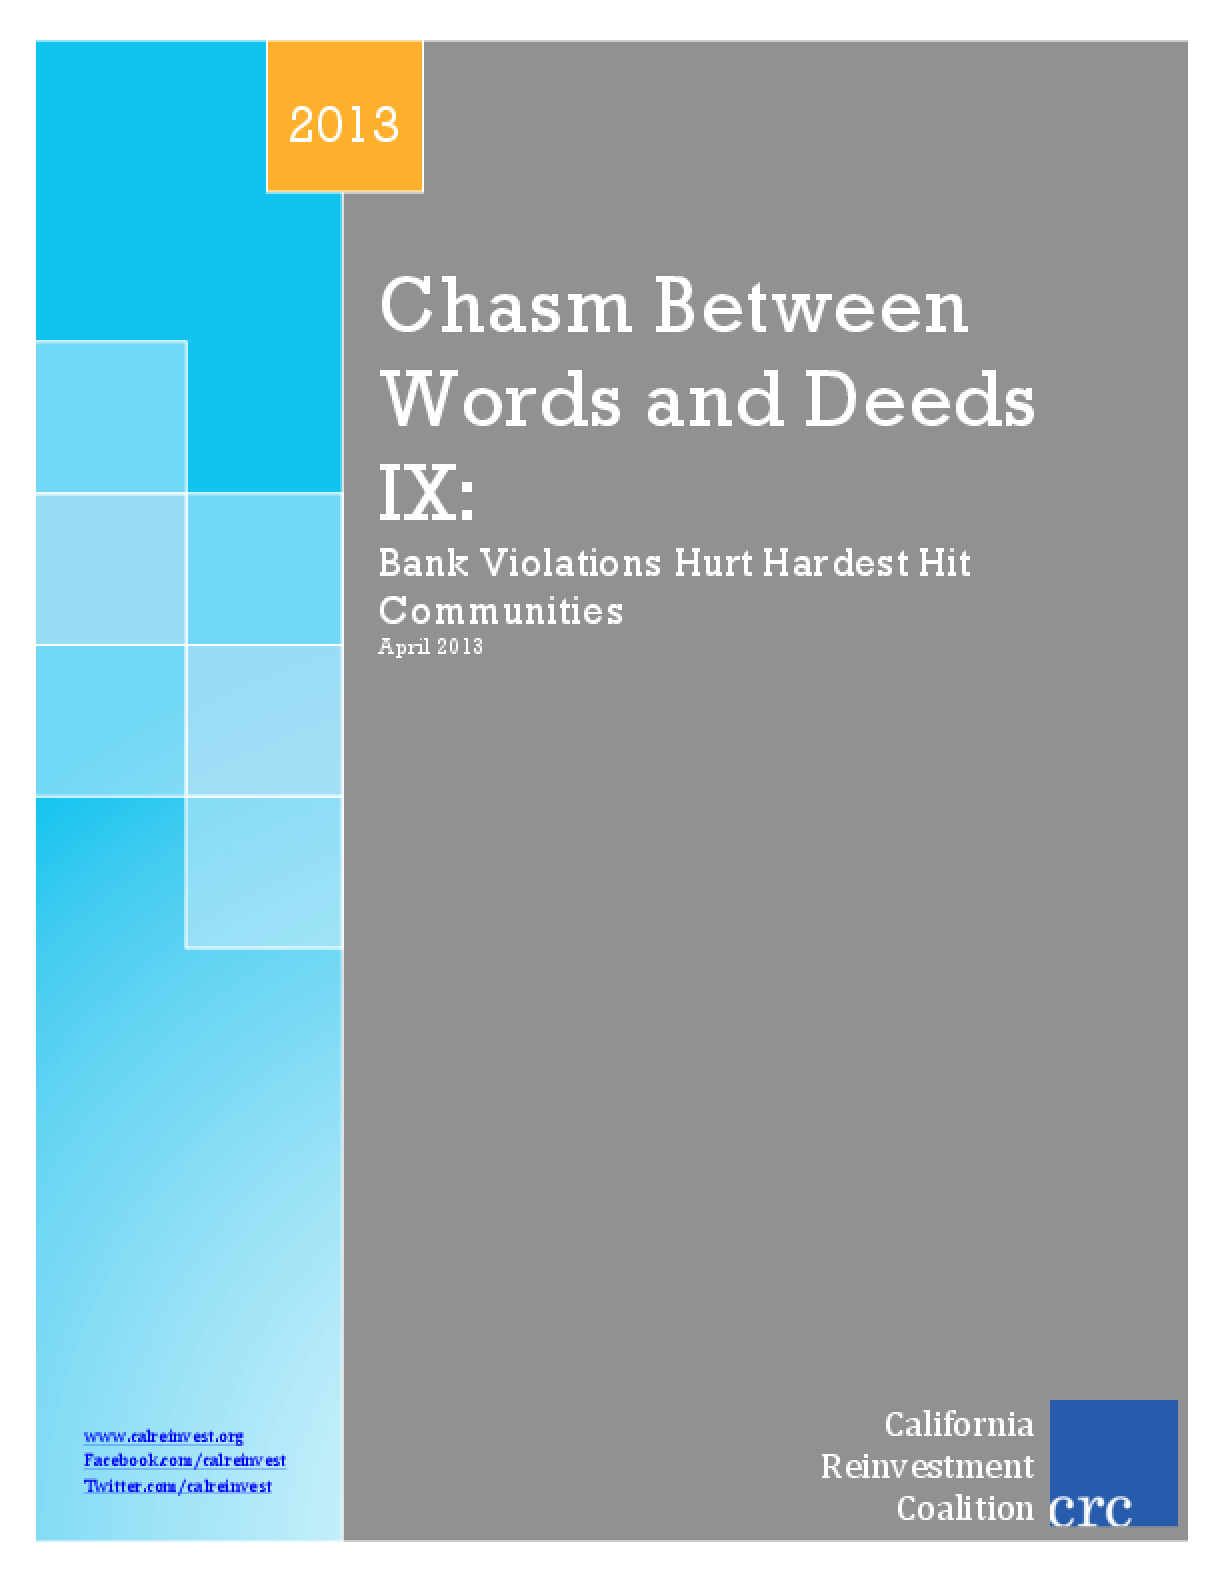 Chasm Between Words and Deeds IX: Bank Violations Hurt Hardest Hit Communities